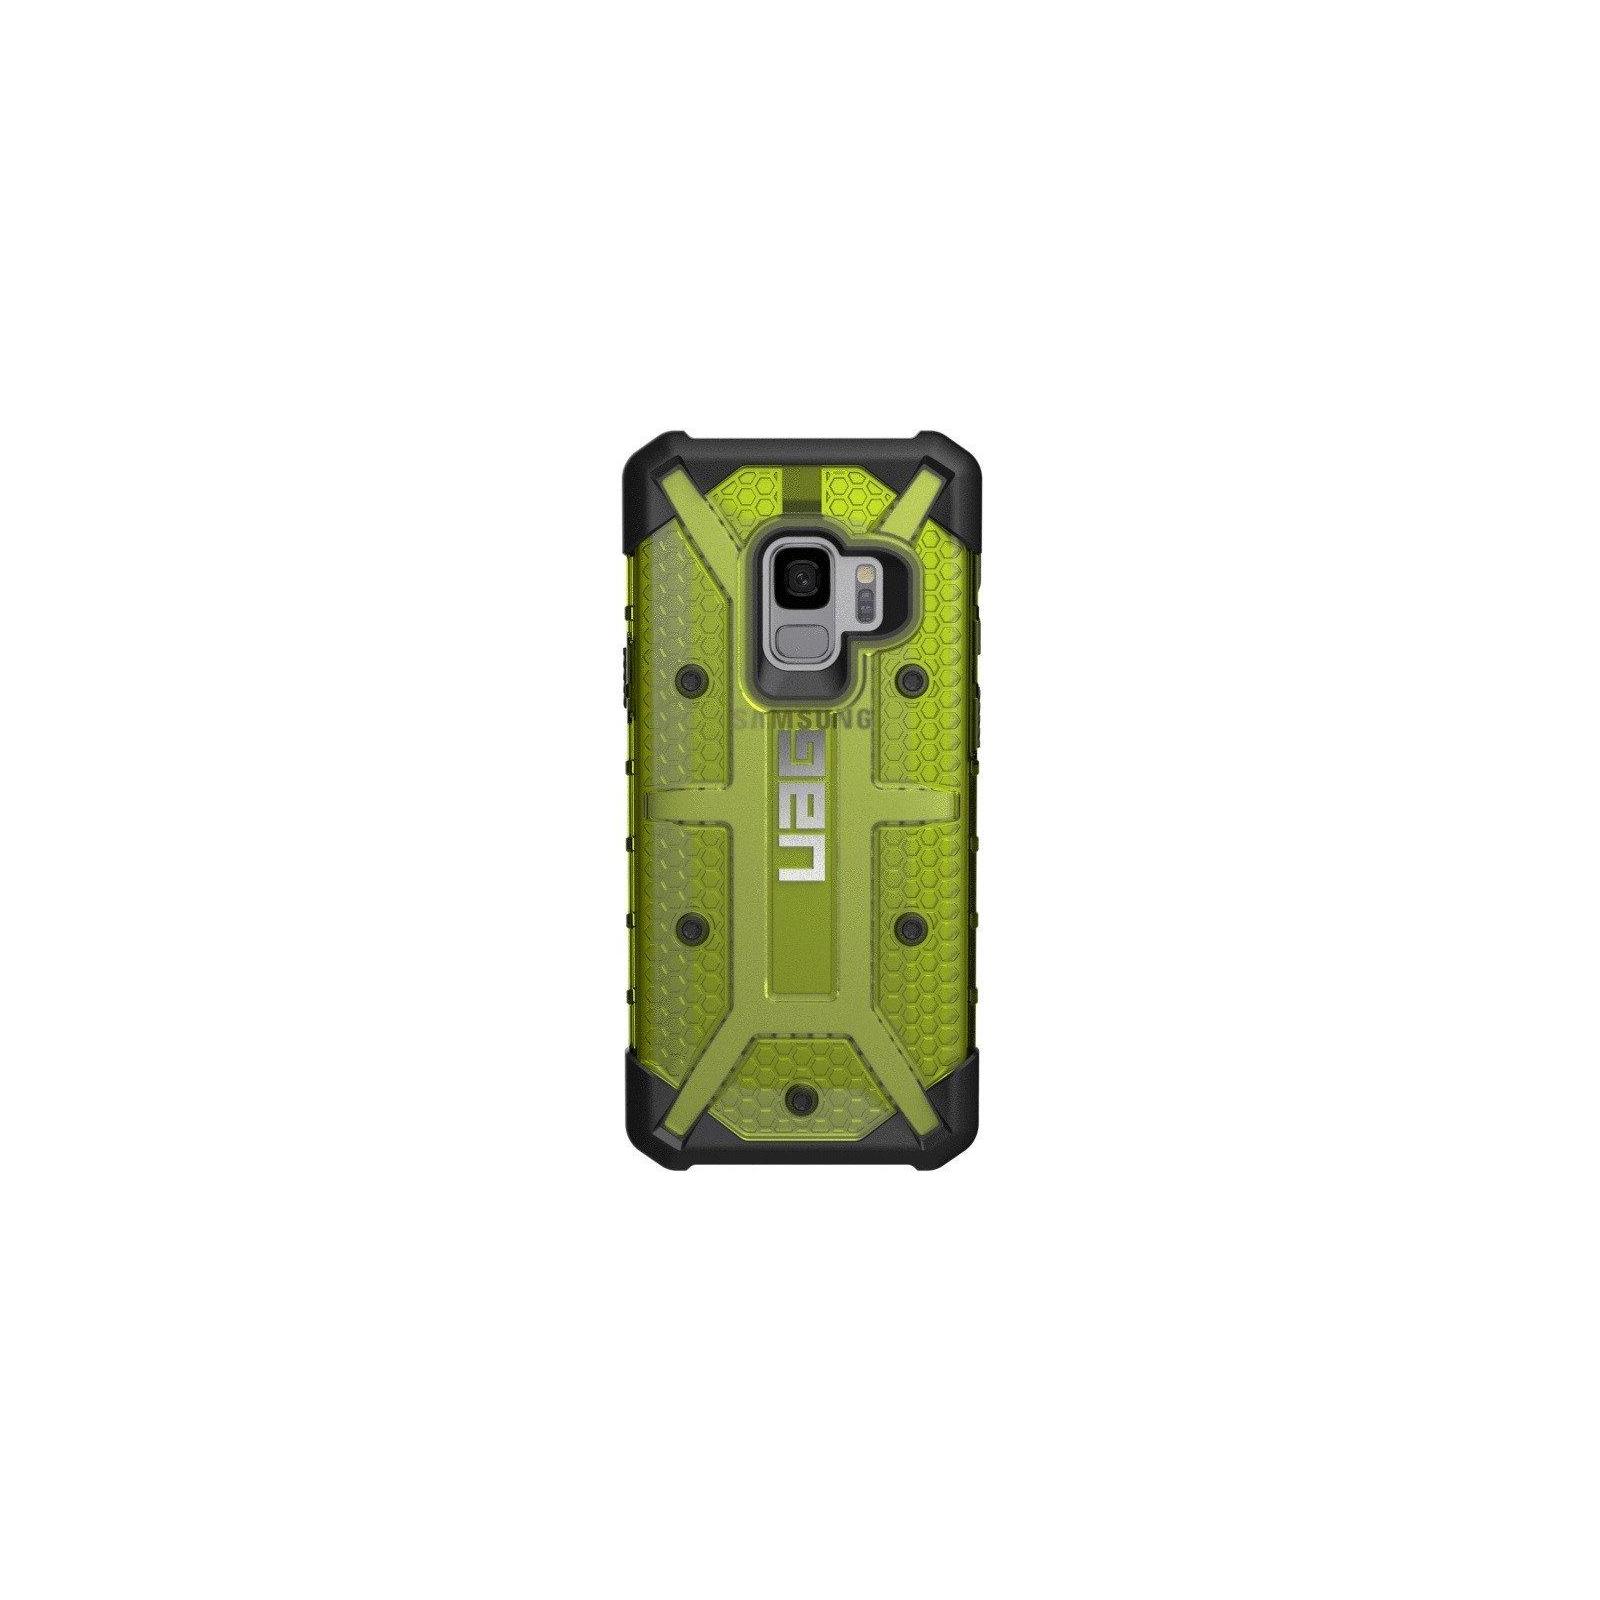 Чехол для моб. телефона Urban Armor Gear Galaxy S9 Plasma Citron (GLXS9-L-CT)